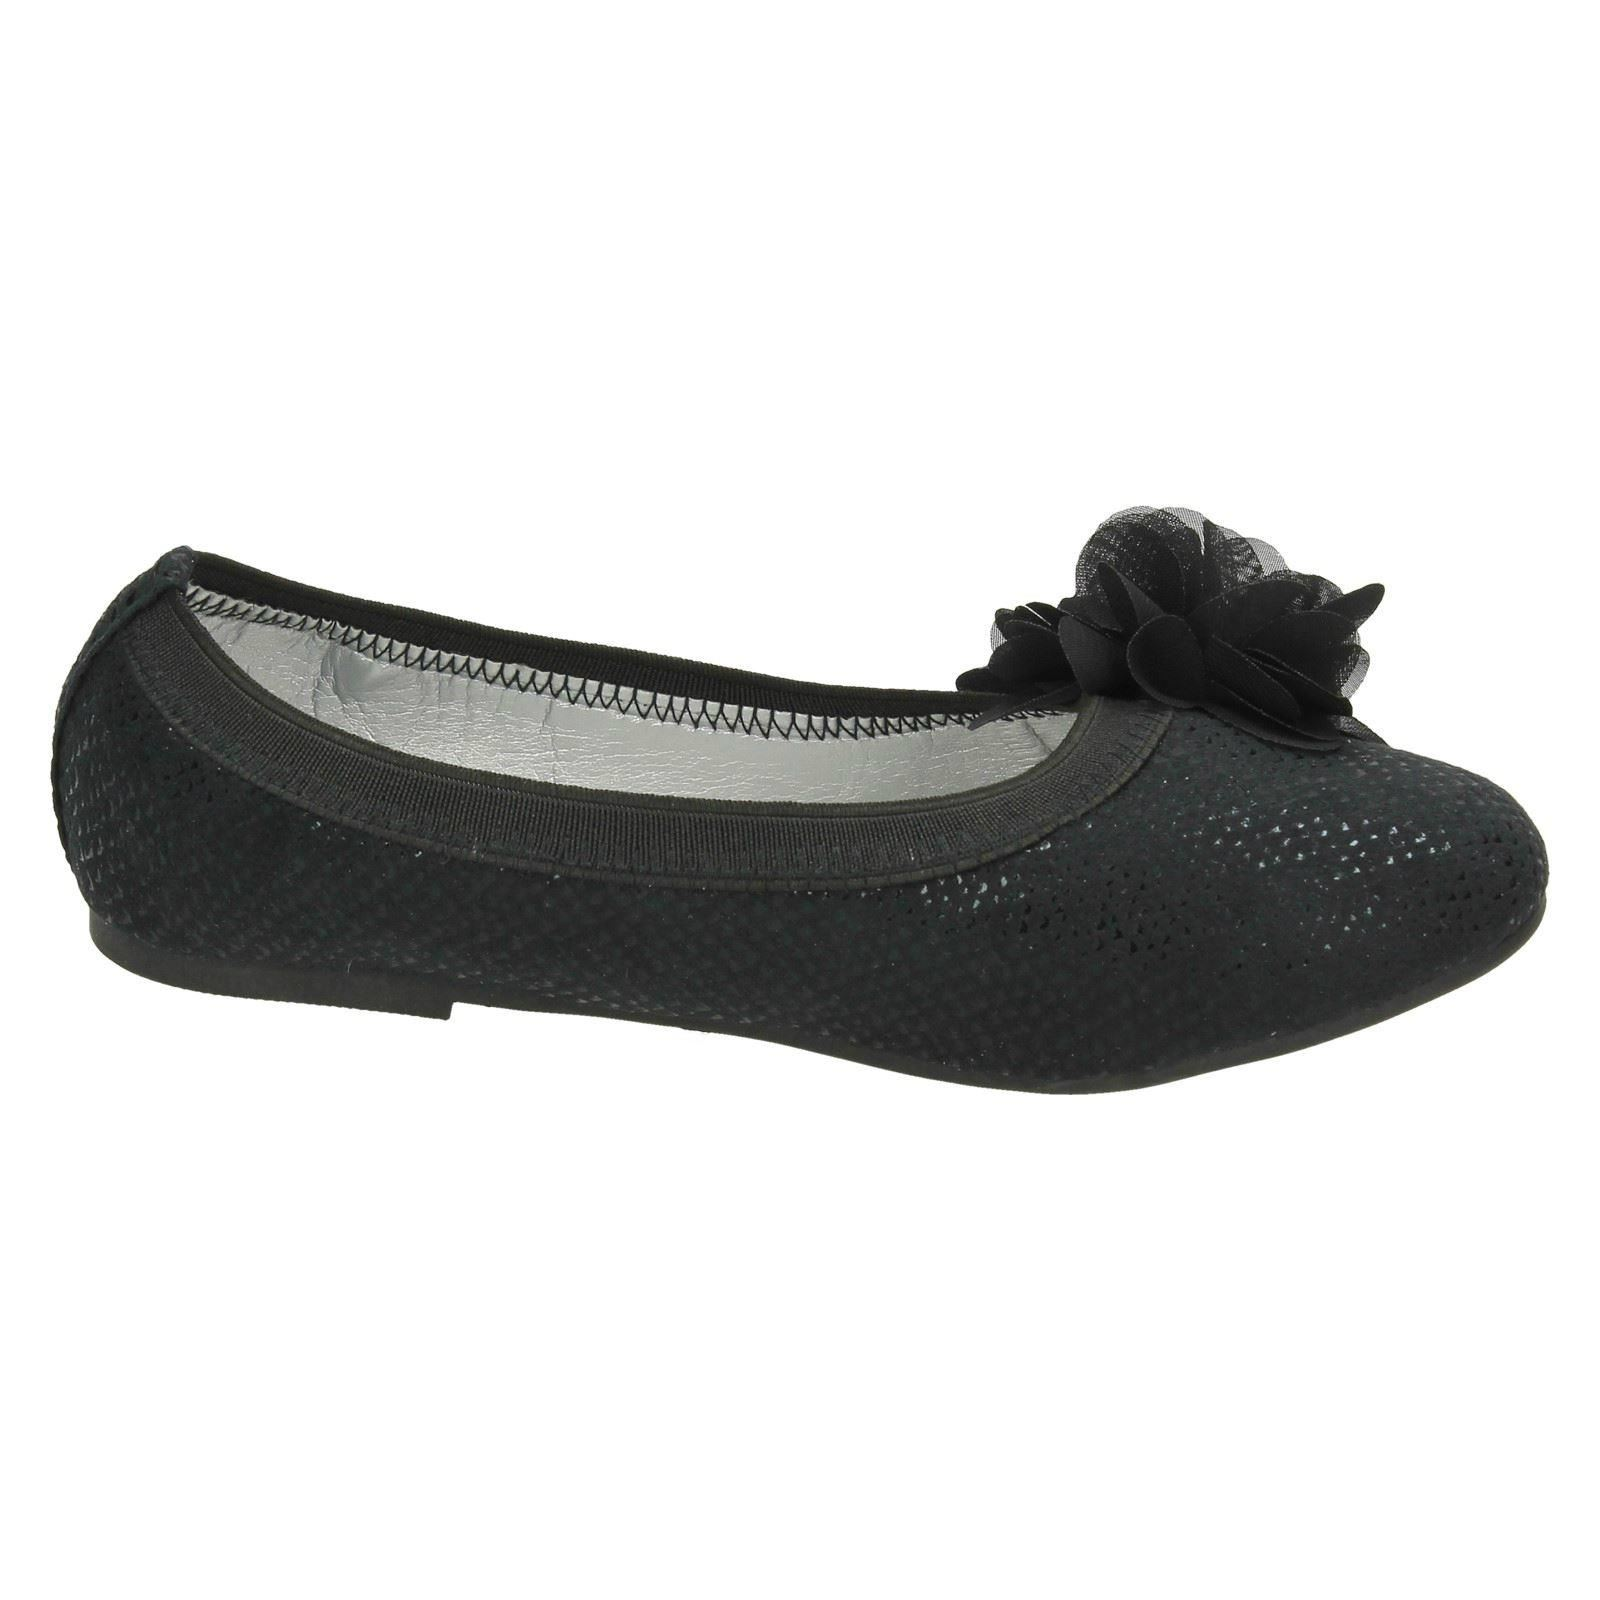 Girls Spot On Flat Slip On Ballerina Shoes